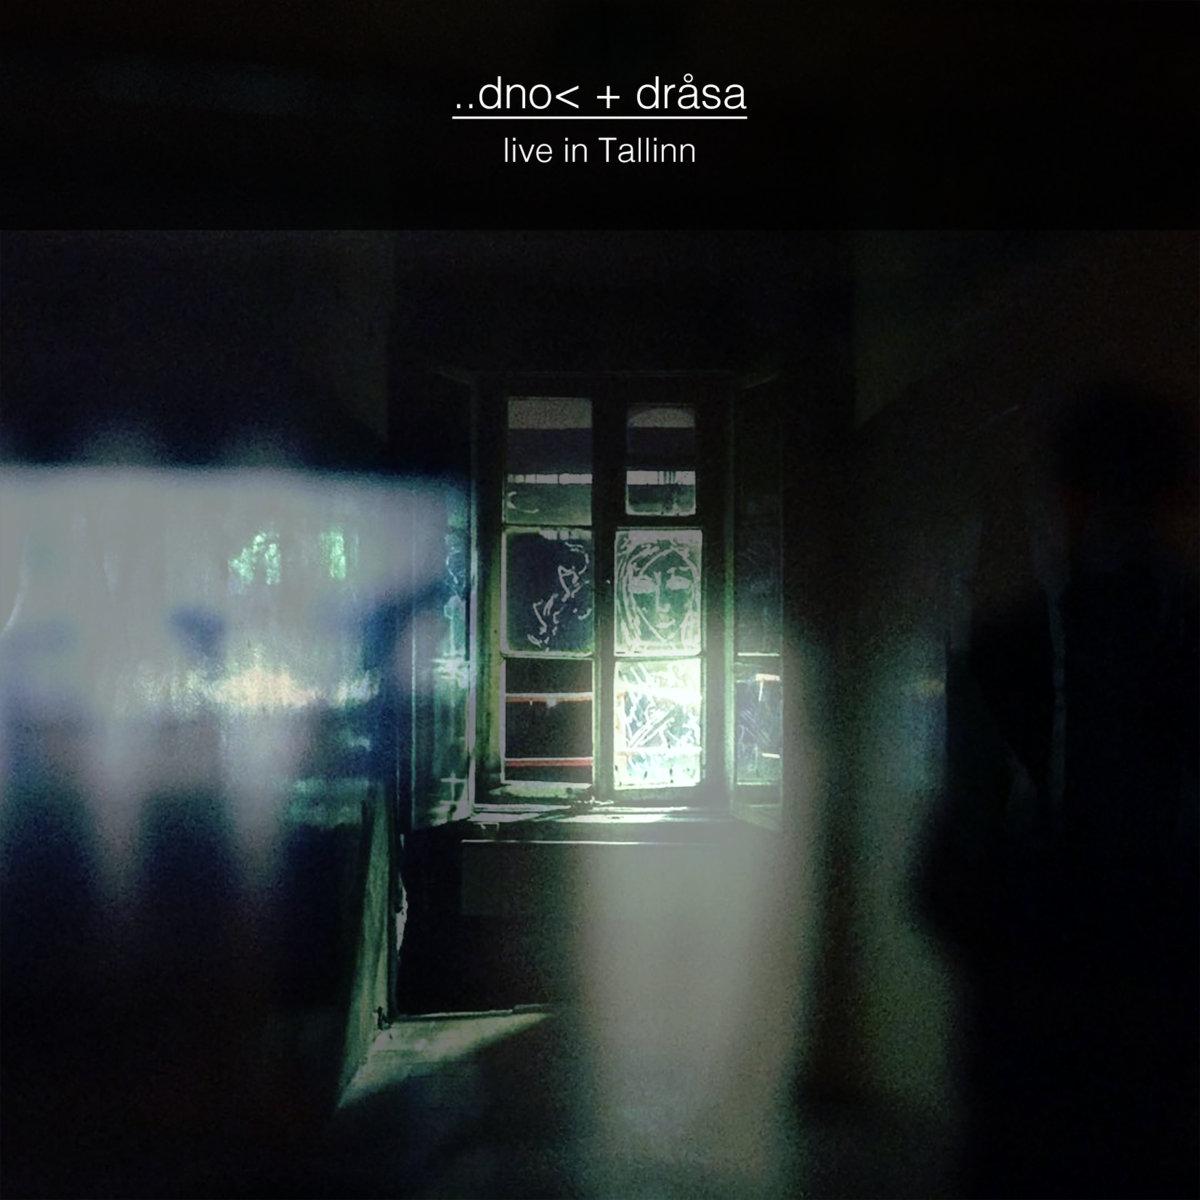 ..dno< + dråsa - live in Tallinn